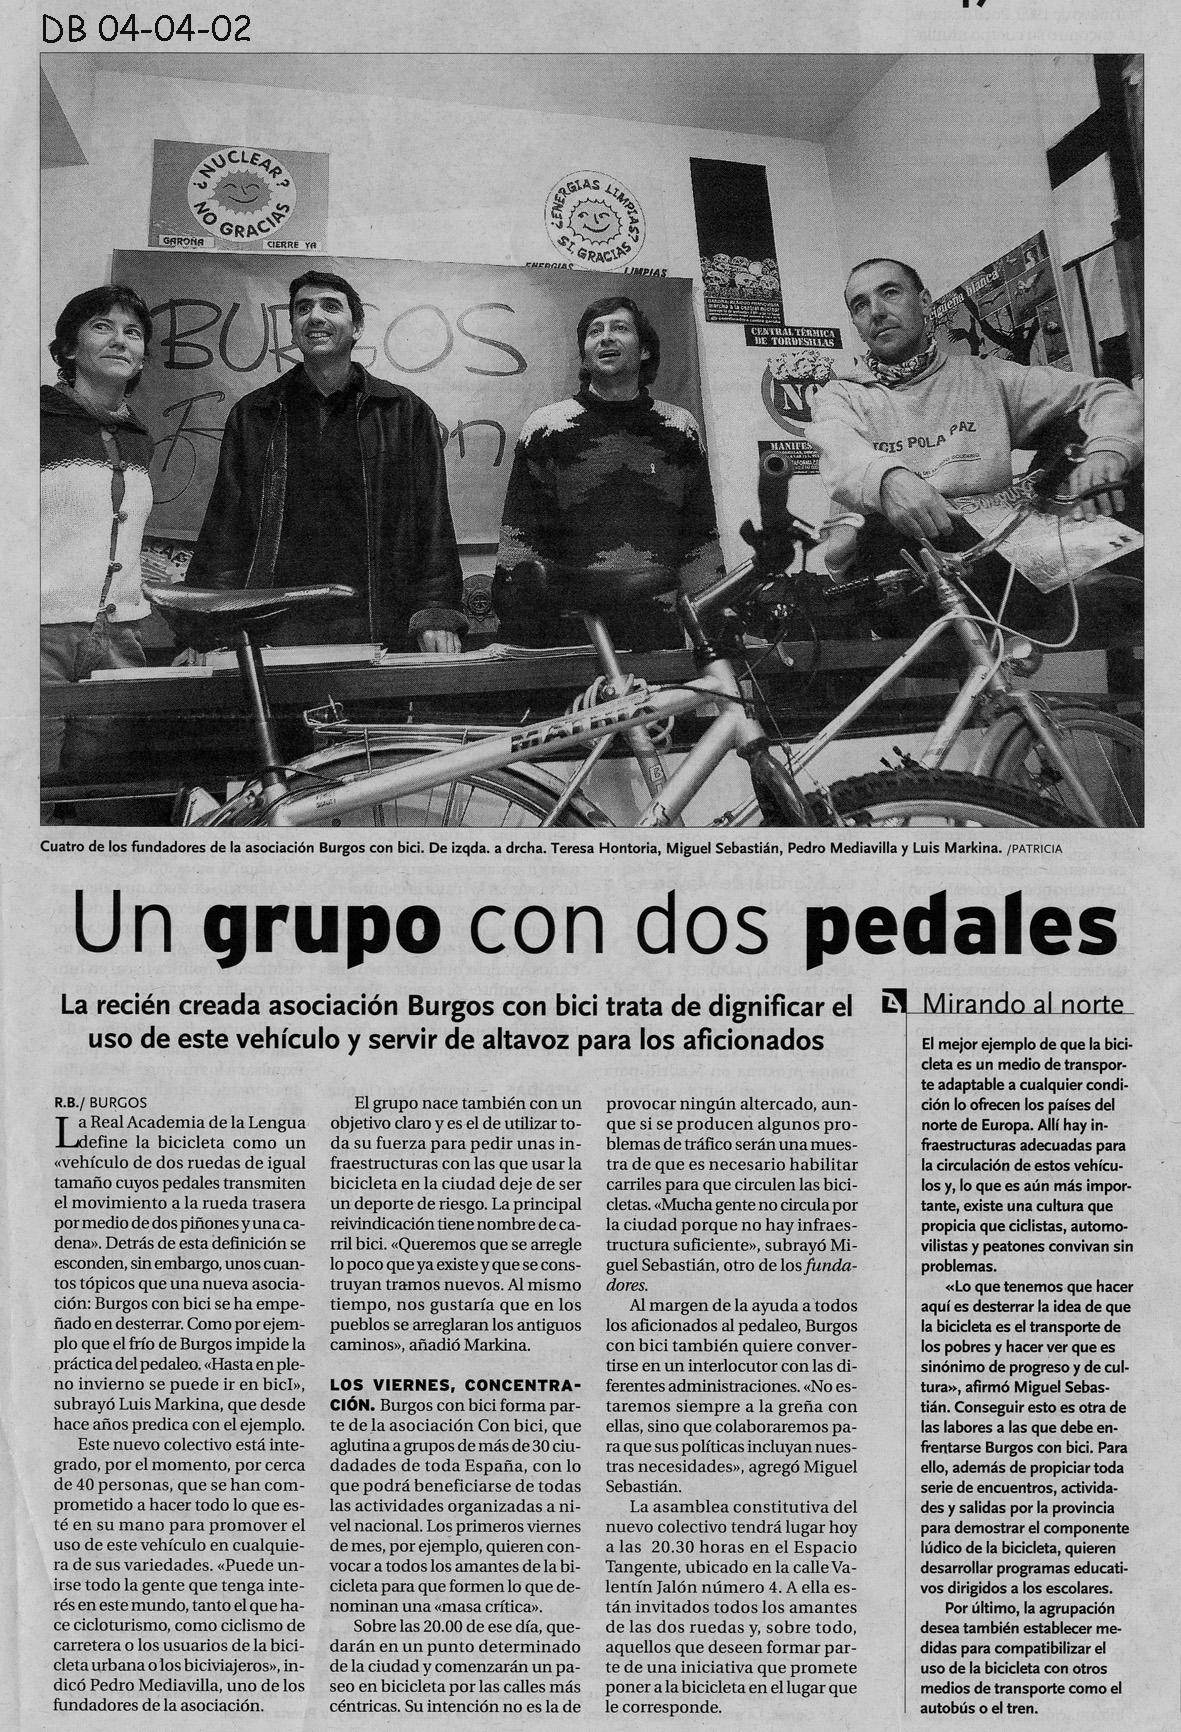 Año 2002. Rueda de prensa . Ecologistas